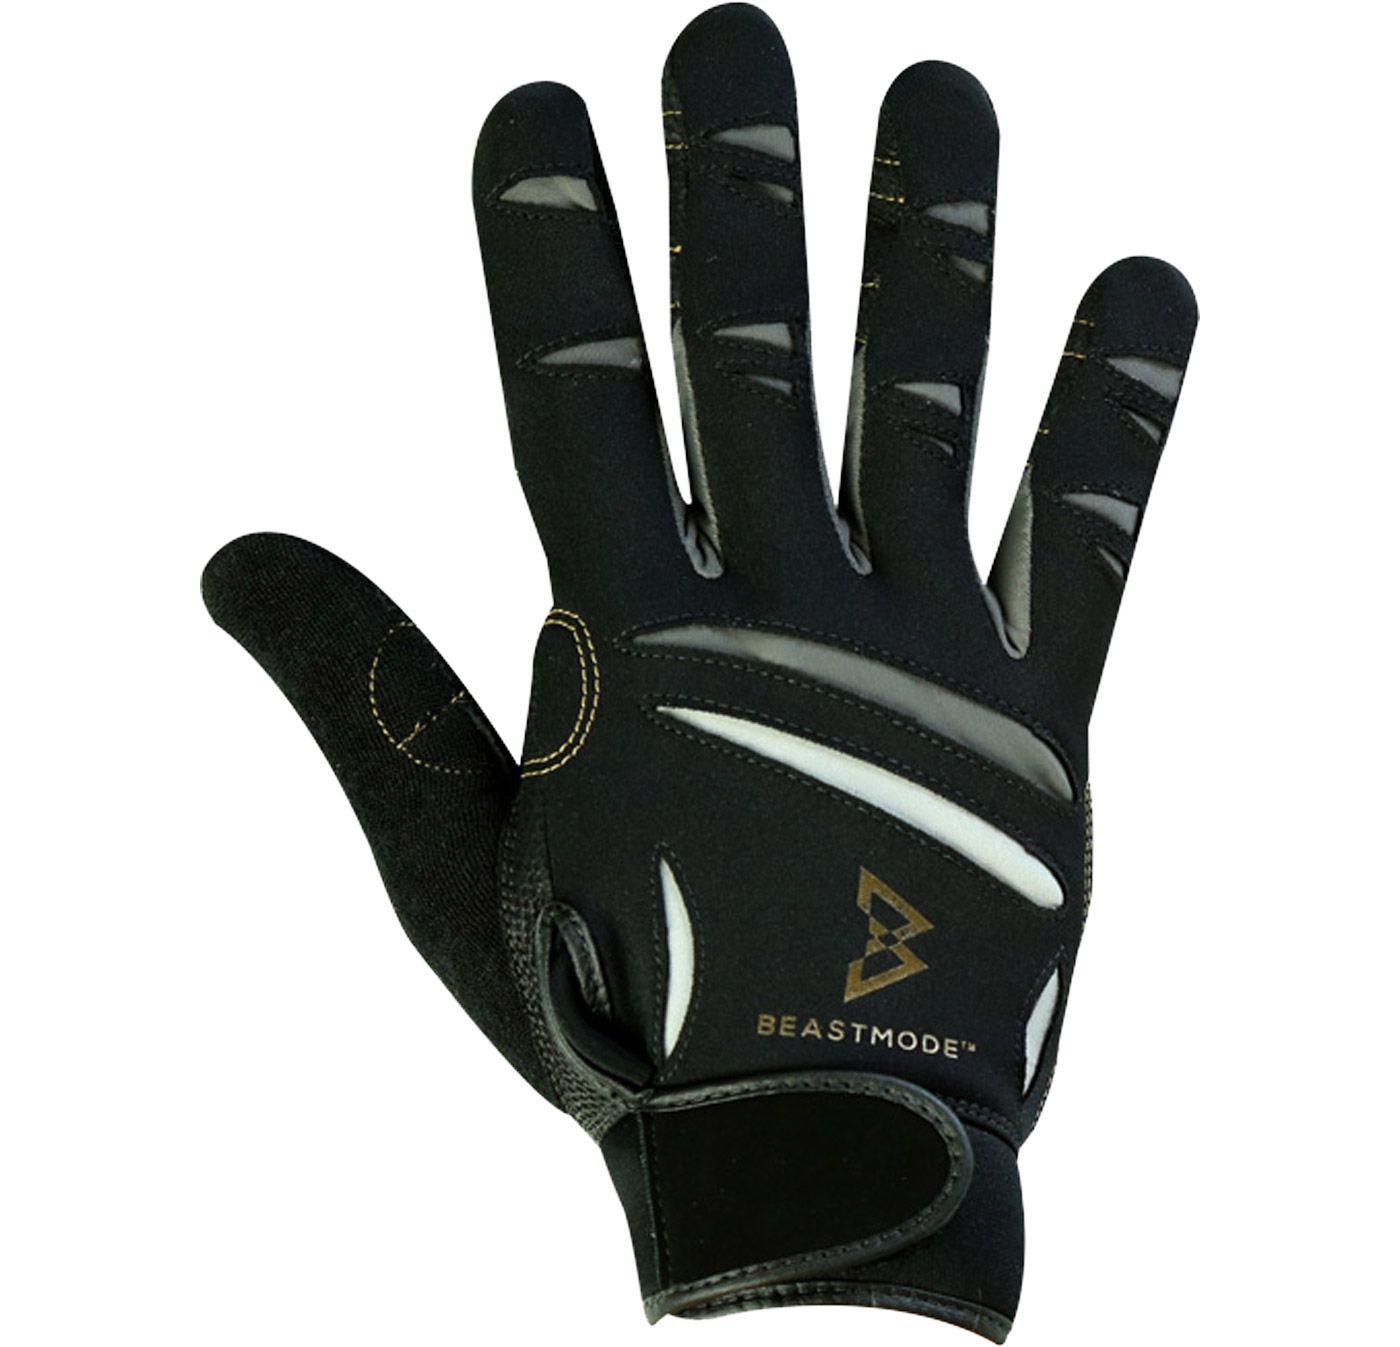 Bionic Men's BeastMode Full Finger Fitness Gloves